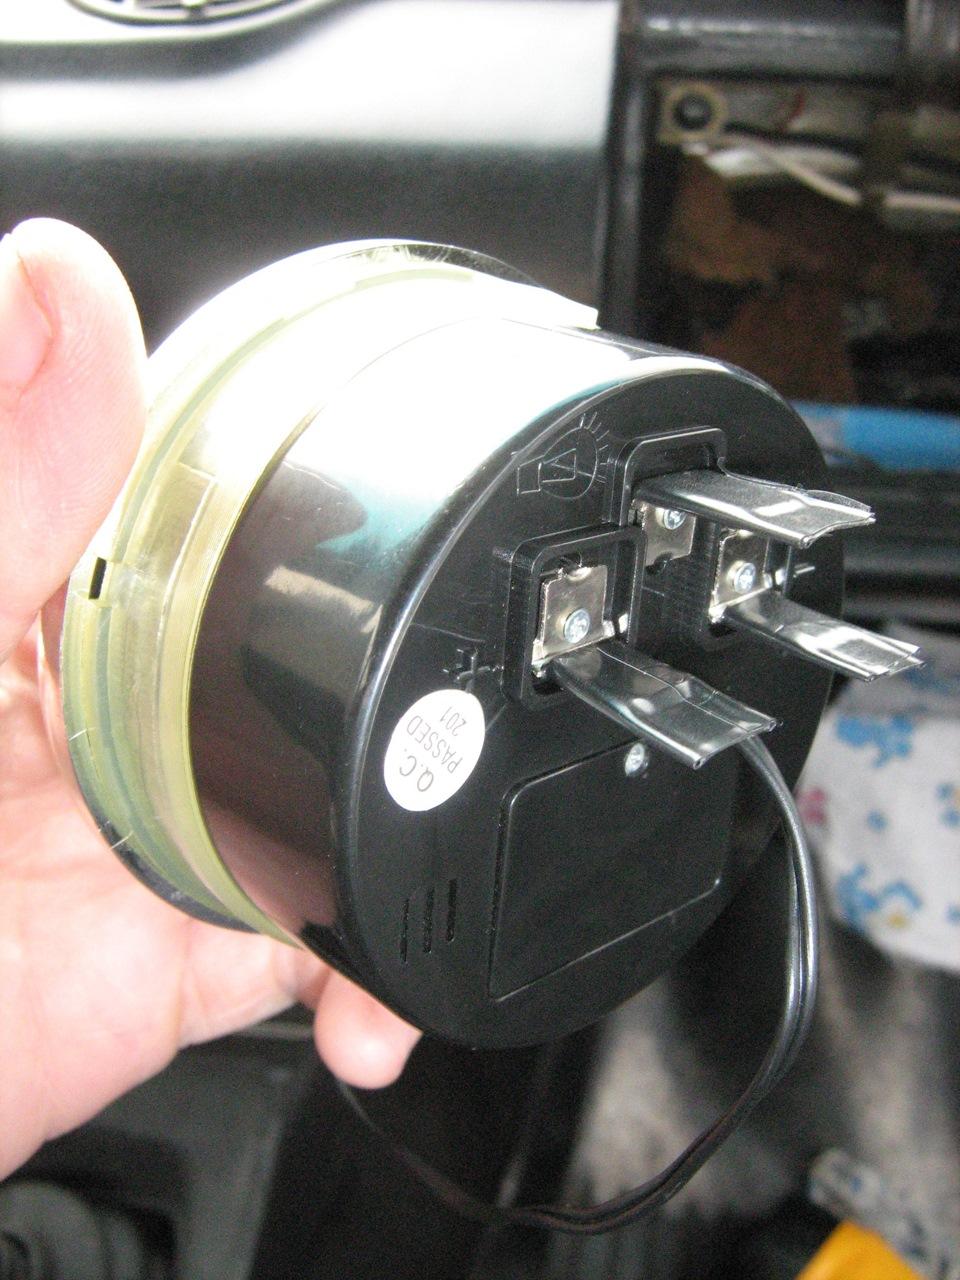 b709116s 960 - Электронные часы в ваз 2106